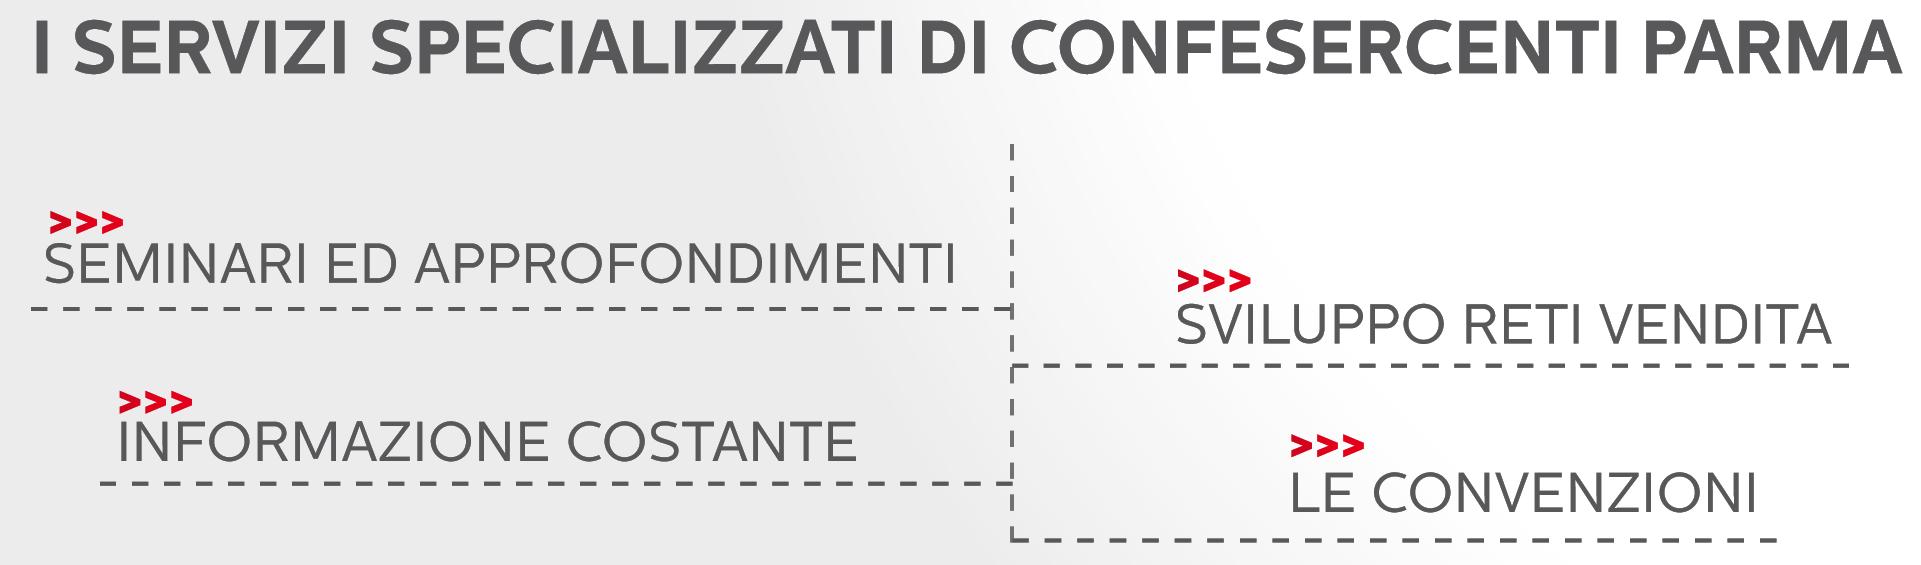 I servizi Specializzati di Confesercenti Parma